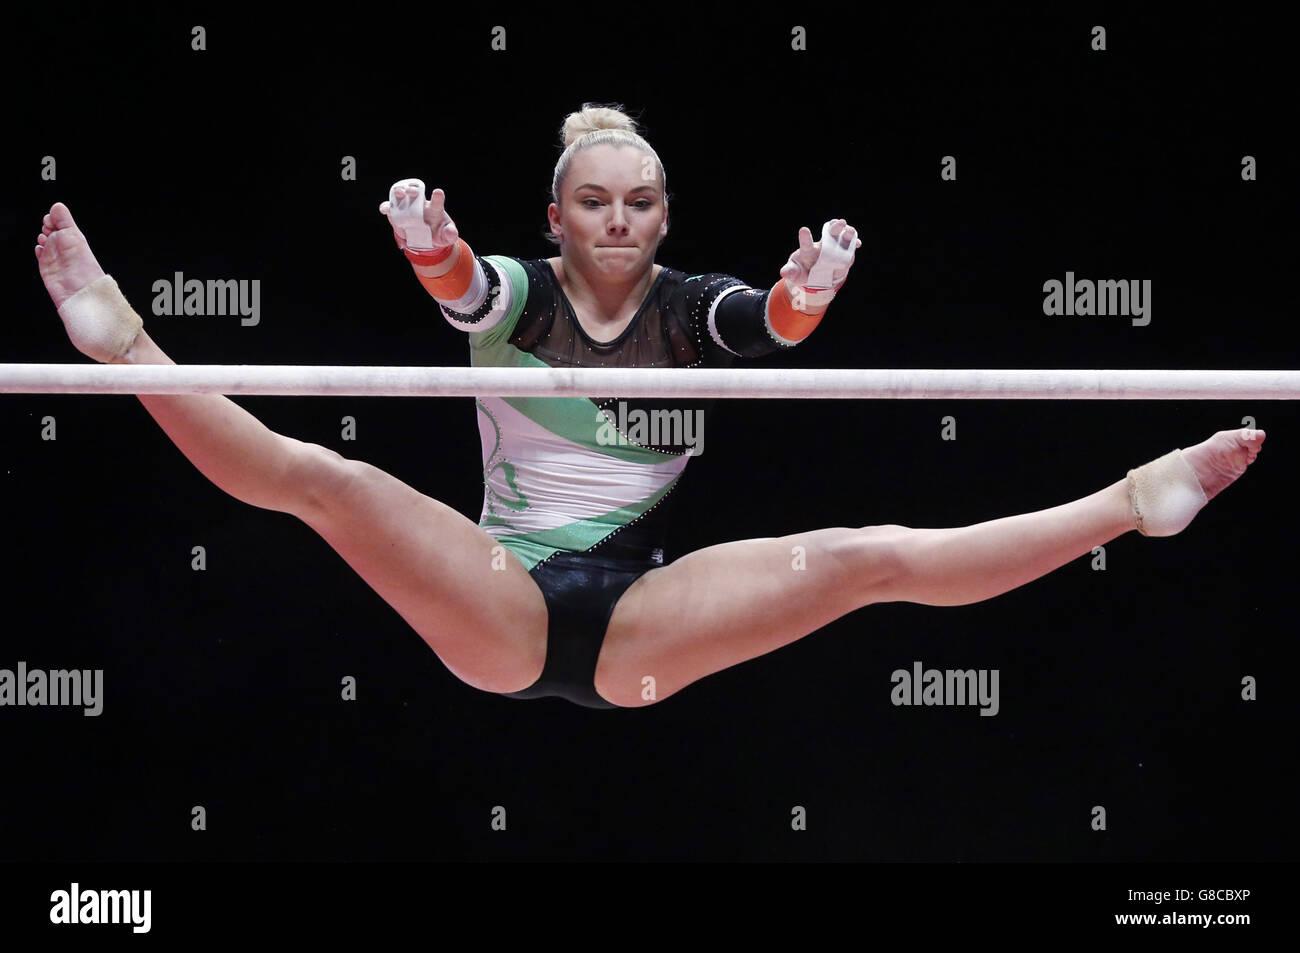 - Championnats du monde de gymnastique 2015 - Jour deux - l'ESS Hydro Photo Stock